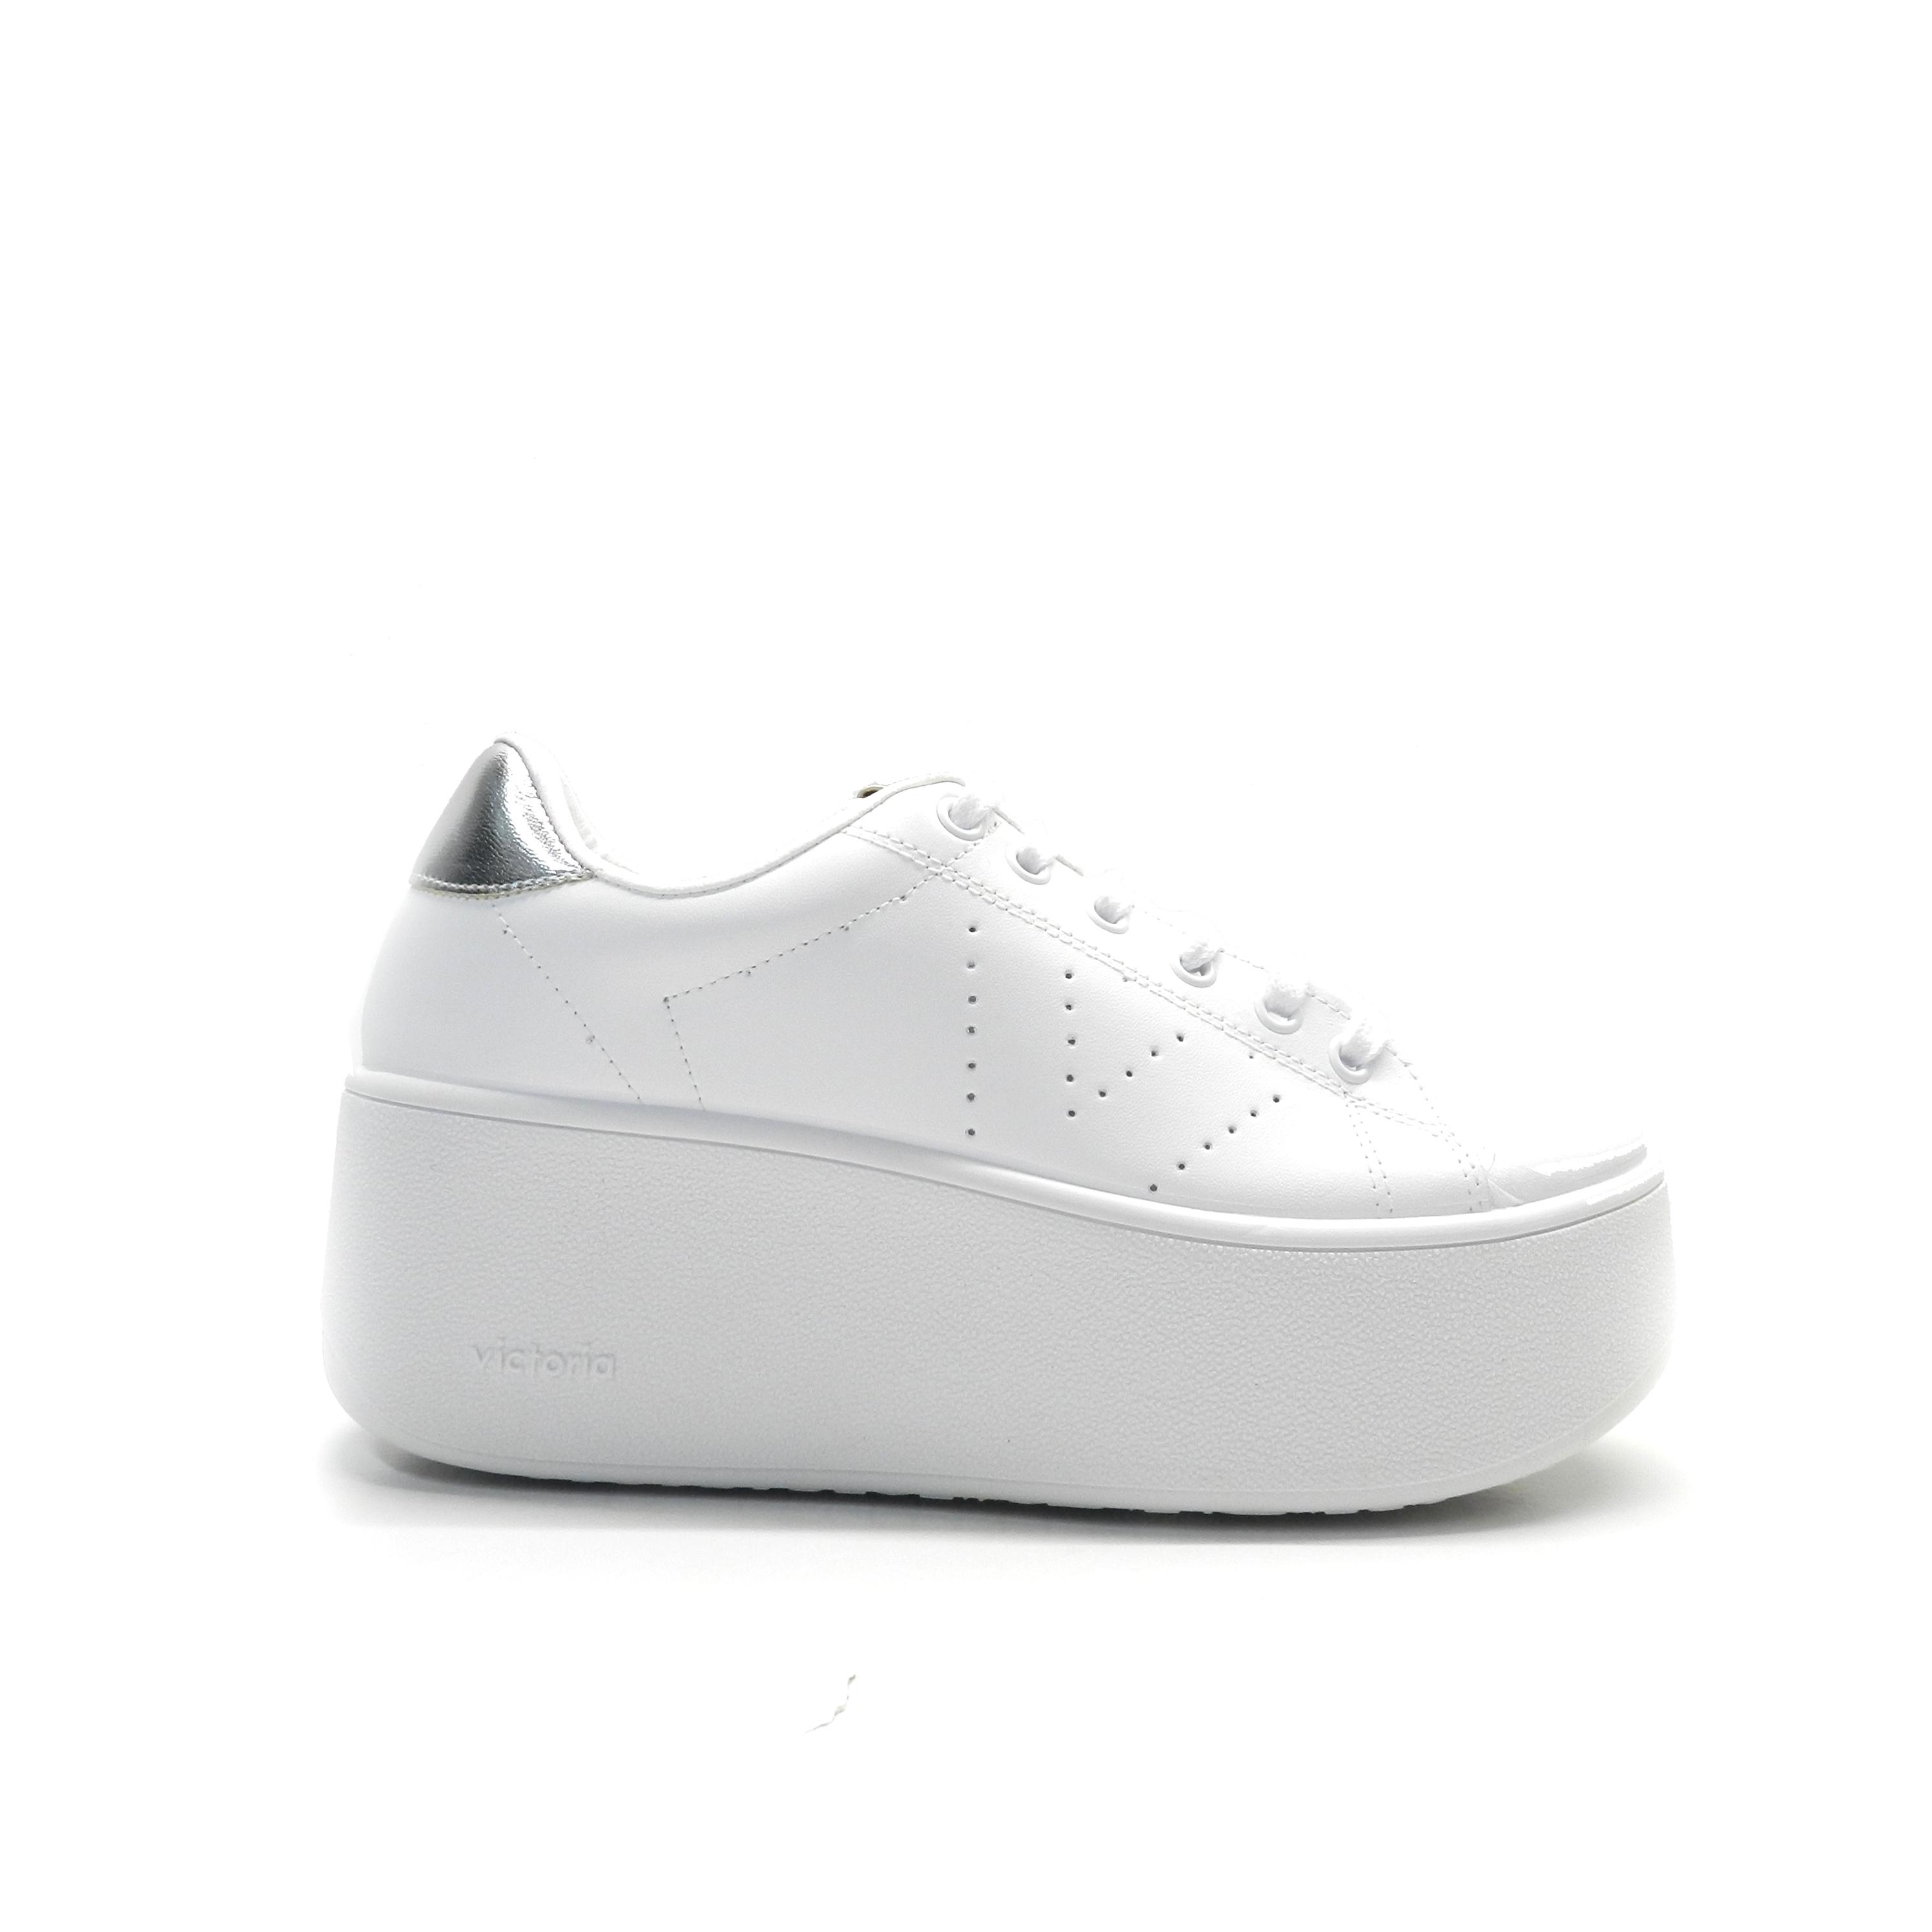 Sneakers de cordones y plataforma en piel de color blanco